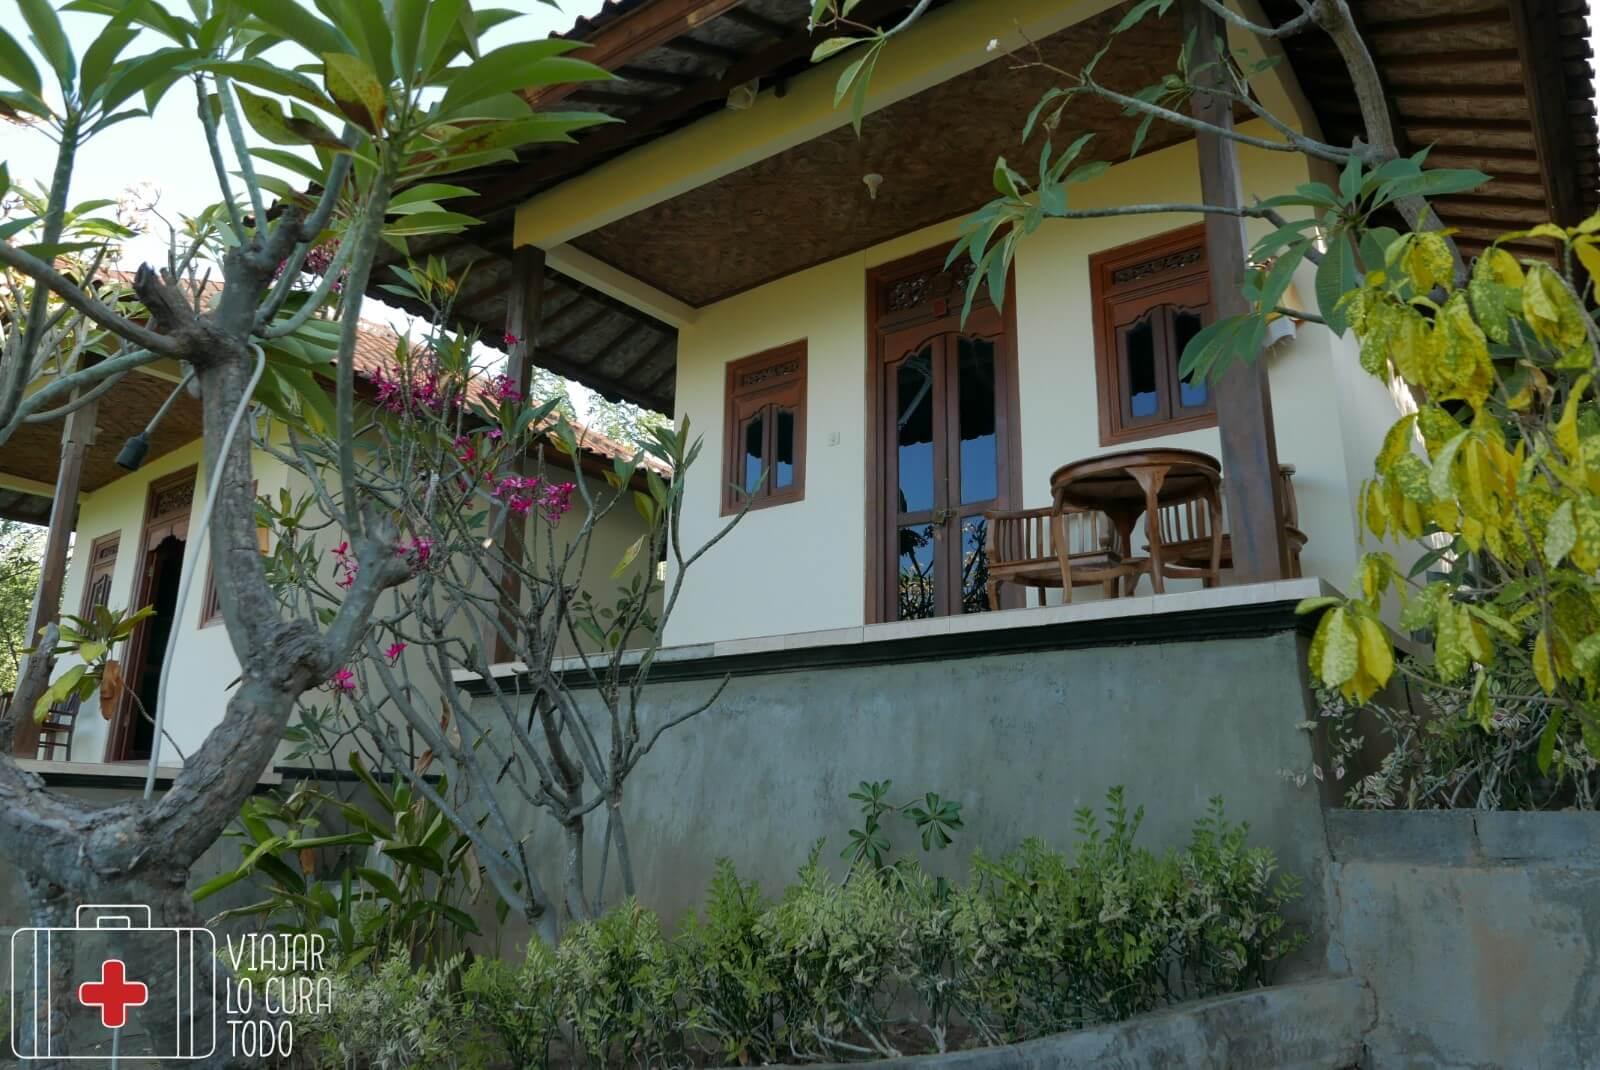 Nuestro bungalow en Amed